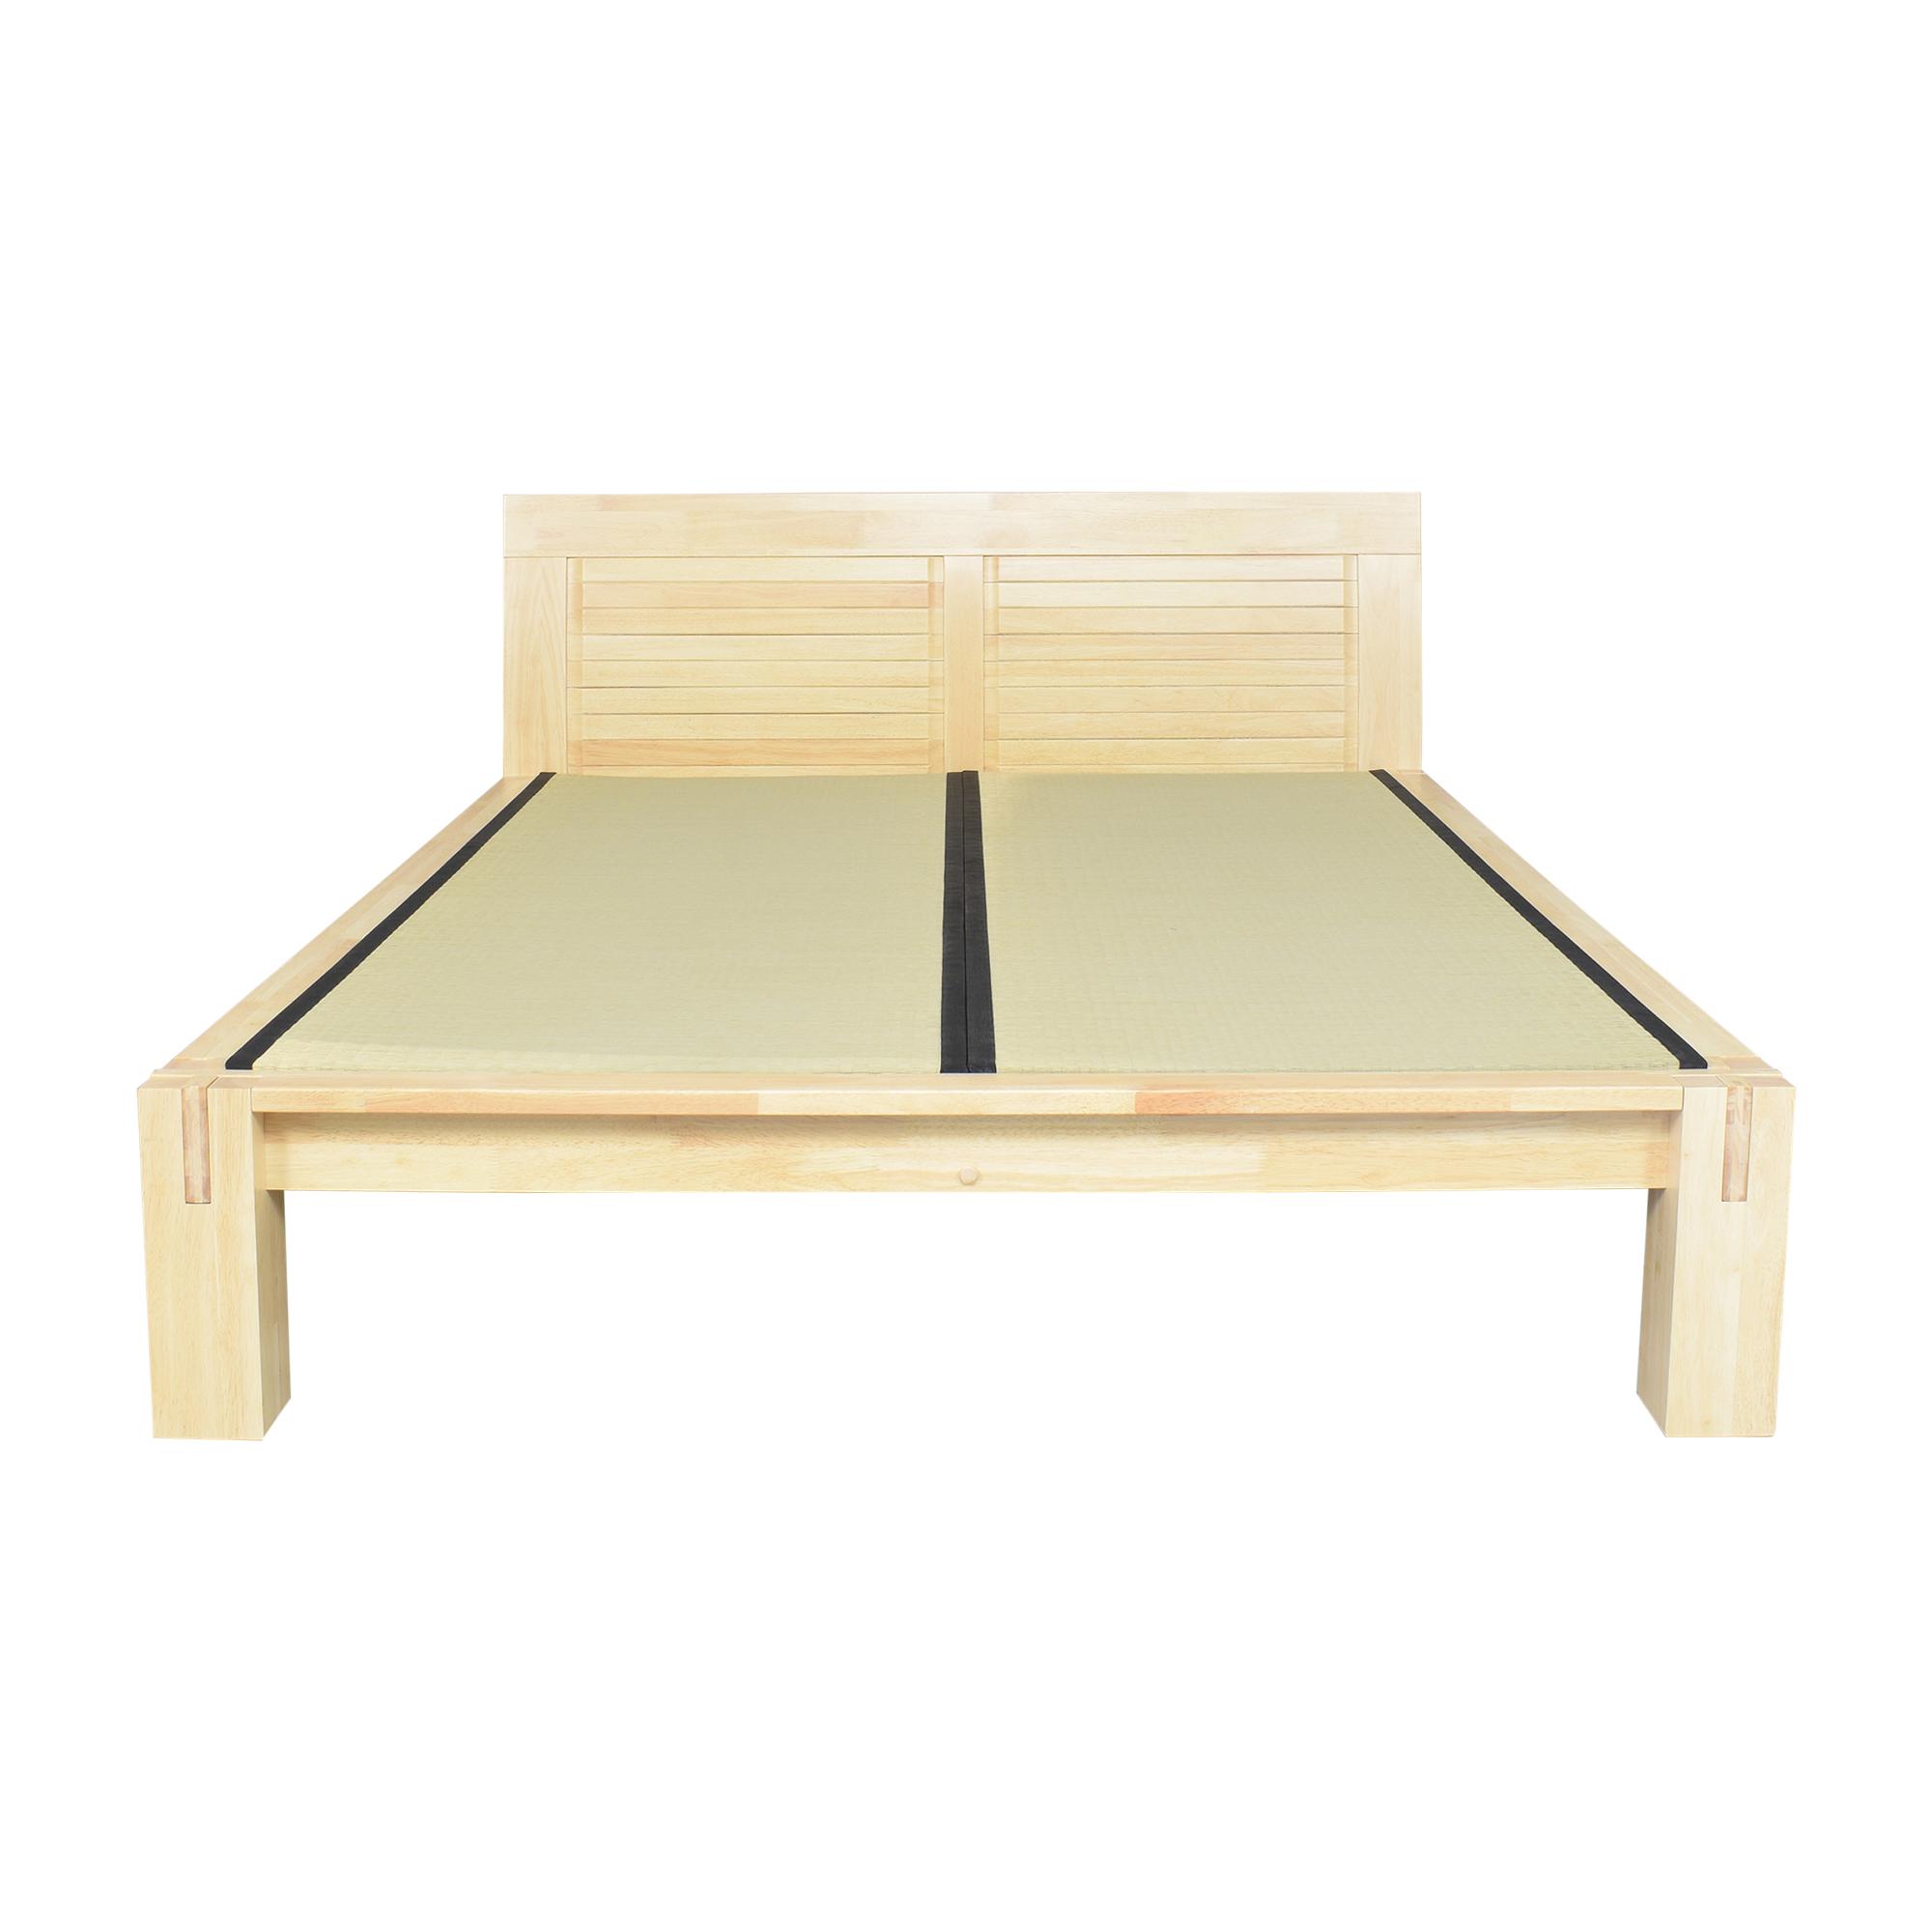 Haiku Designs Haiku Designs Raku Tatami High Rise Platform Queen Bed  nyc